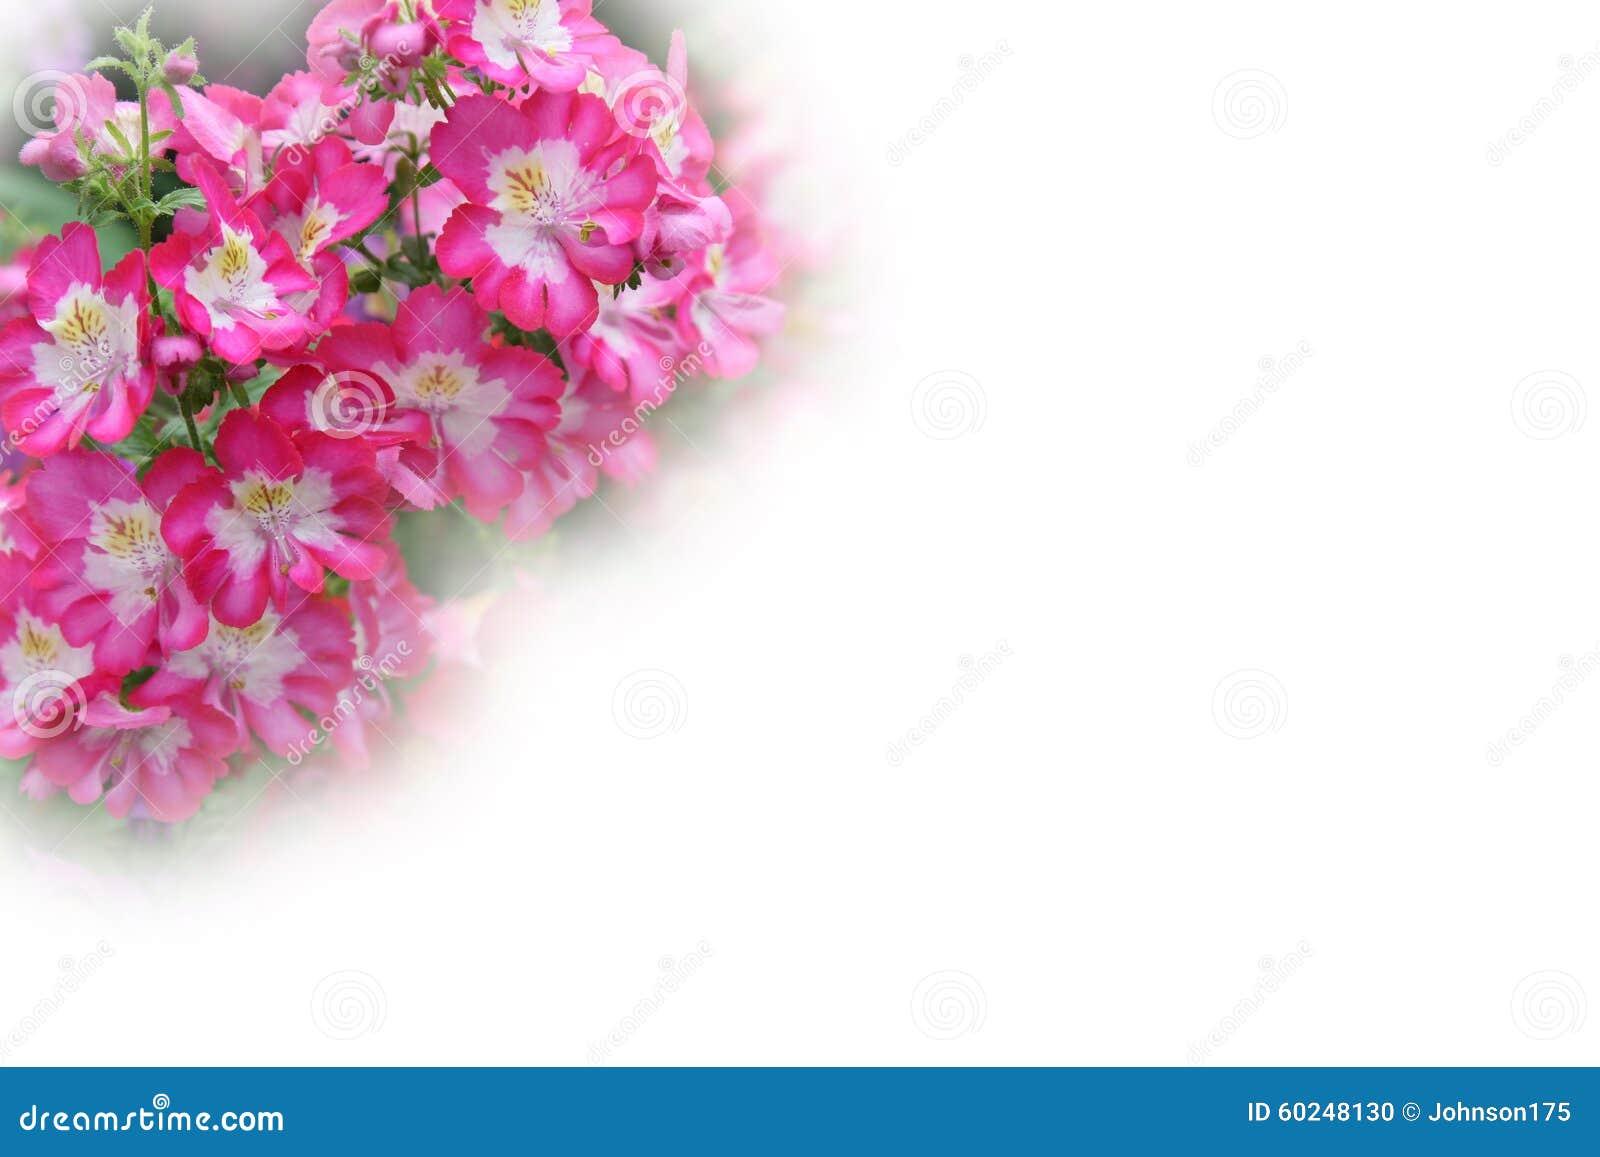 Pink Petunia Border Stock Photos Download 70 Images